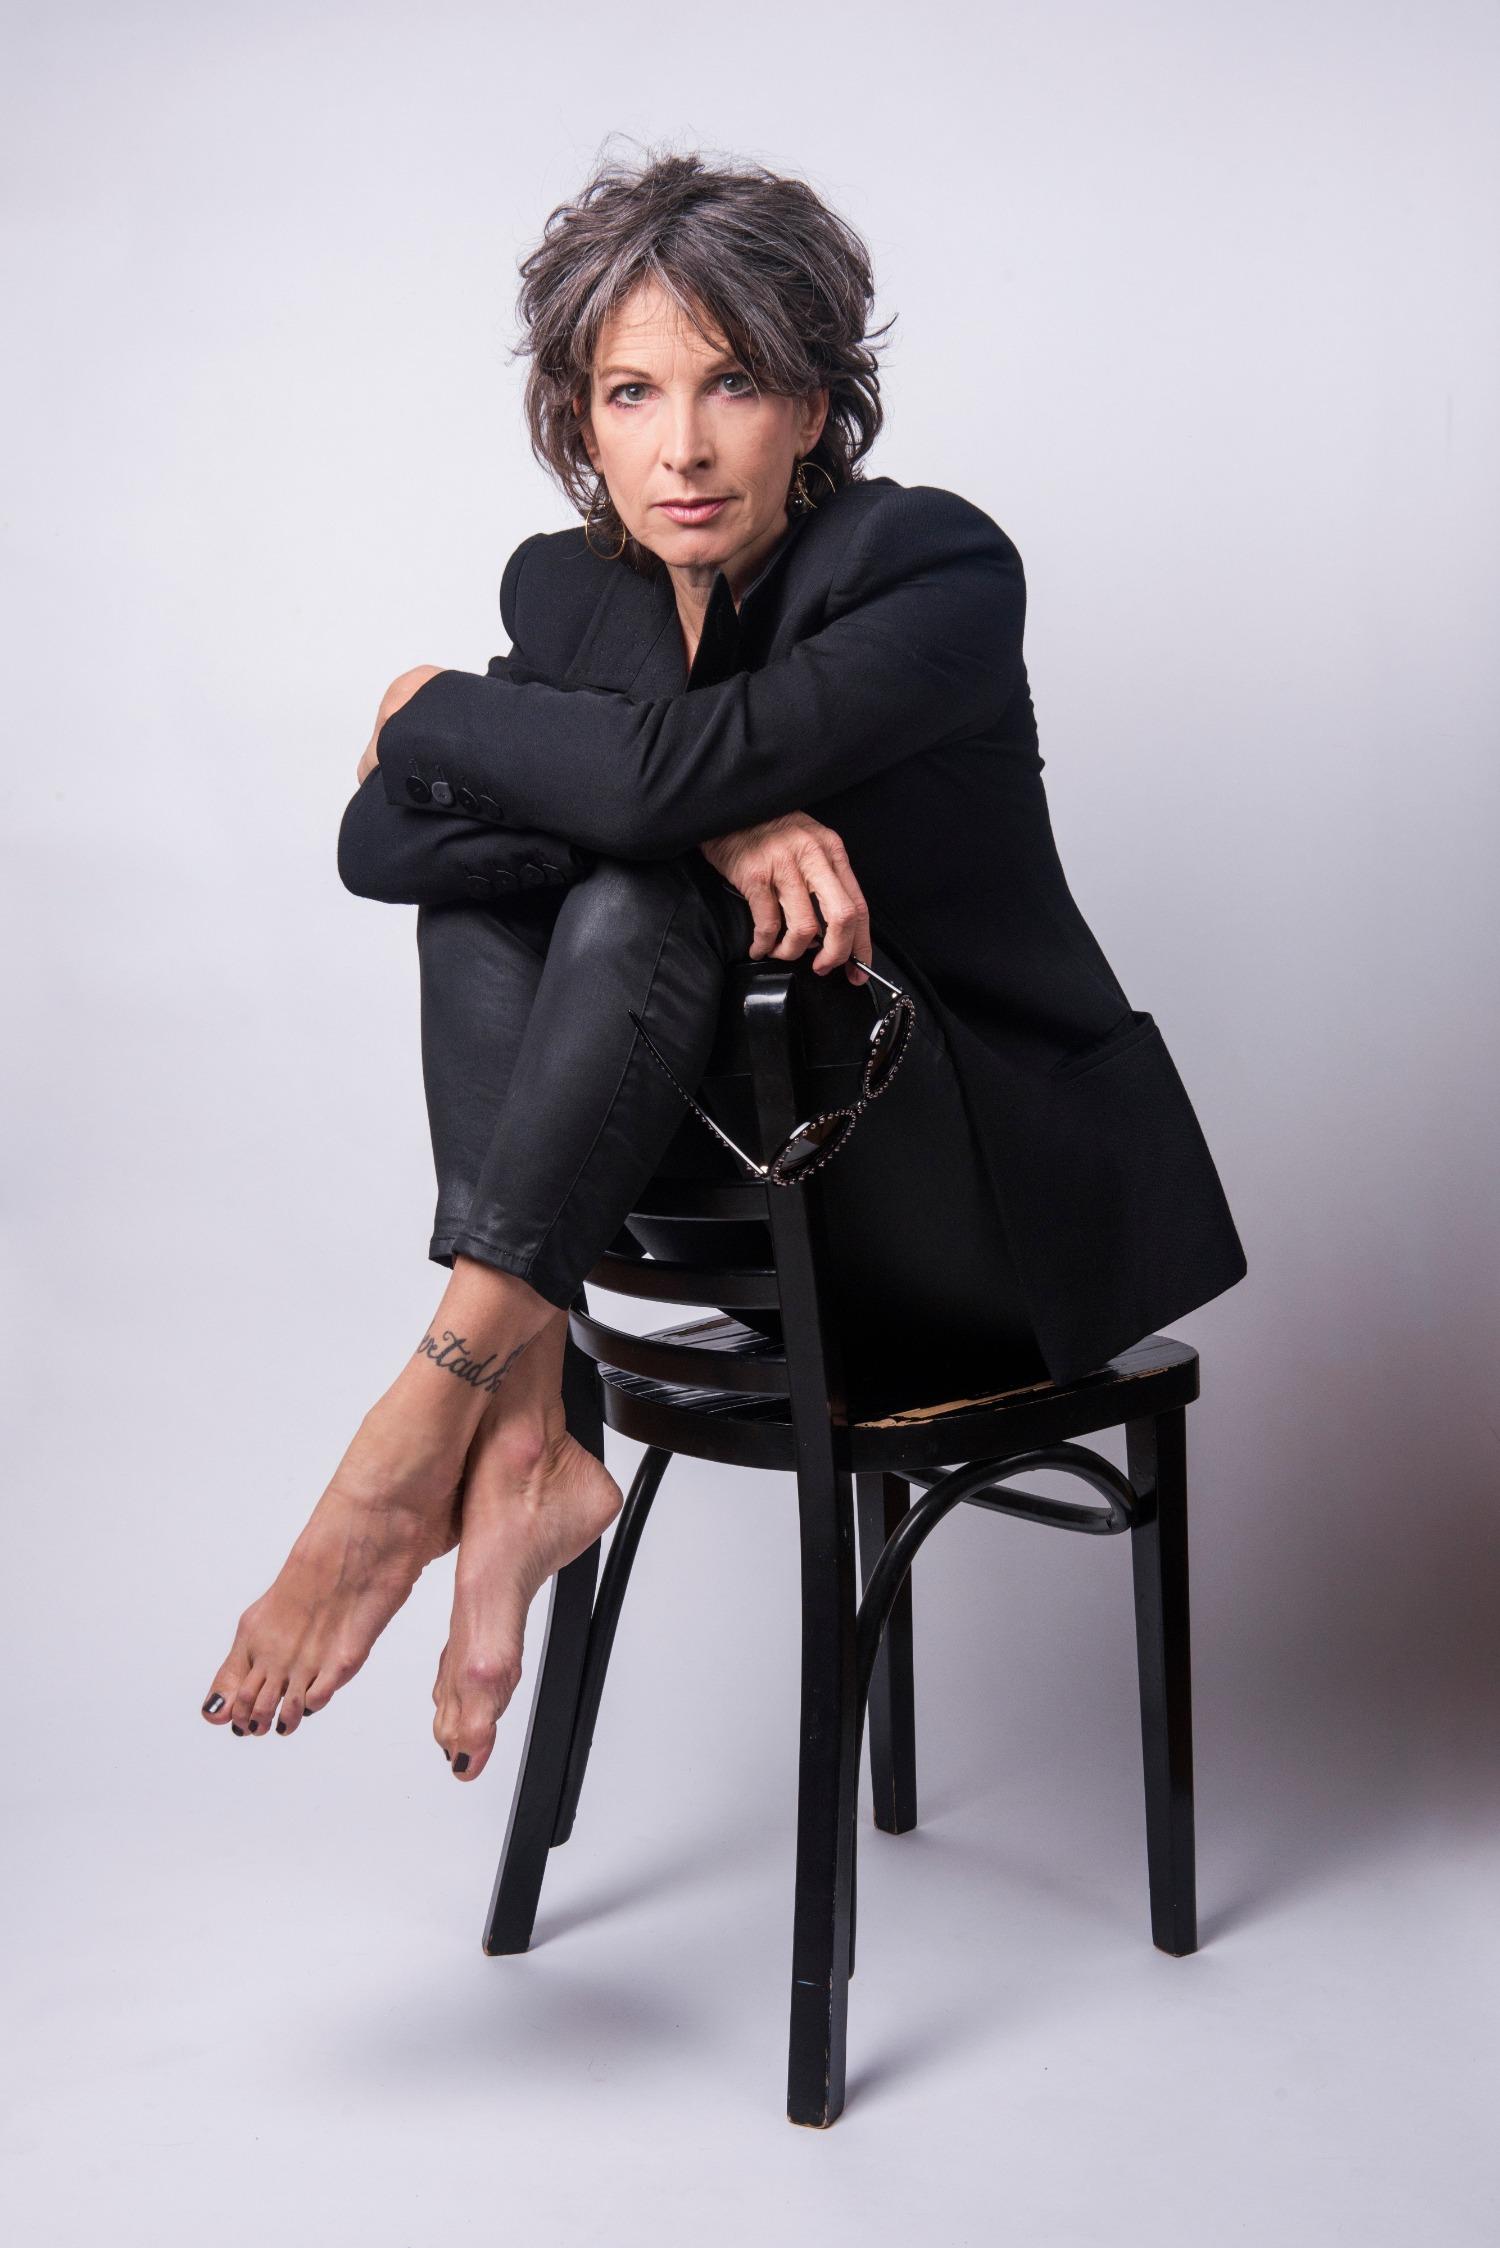 Nicola Beller Carbone / Portrait @ Hagen Schnauss